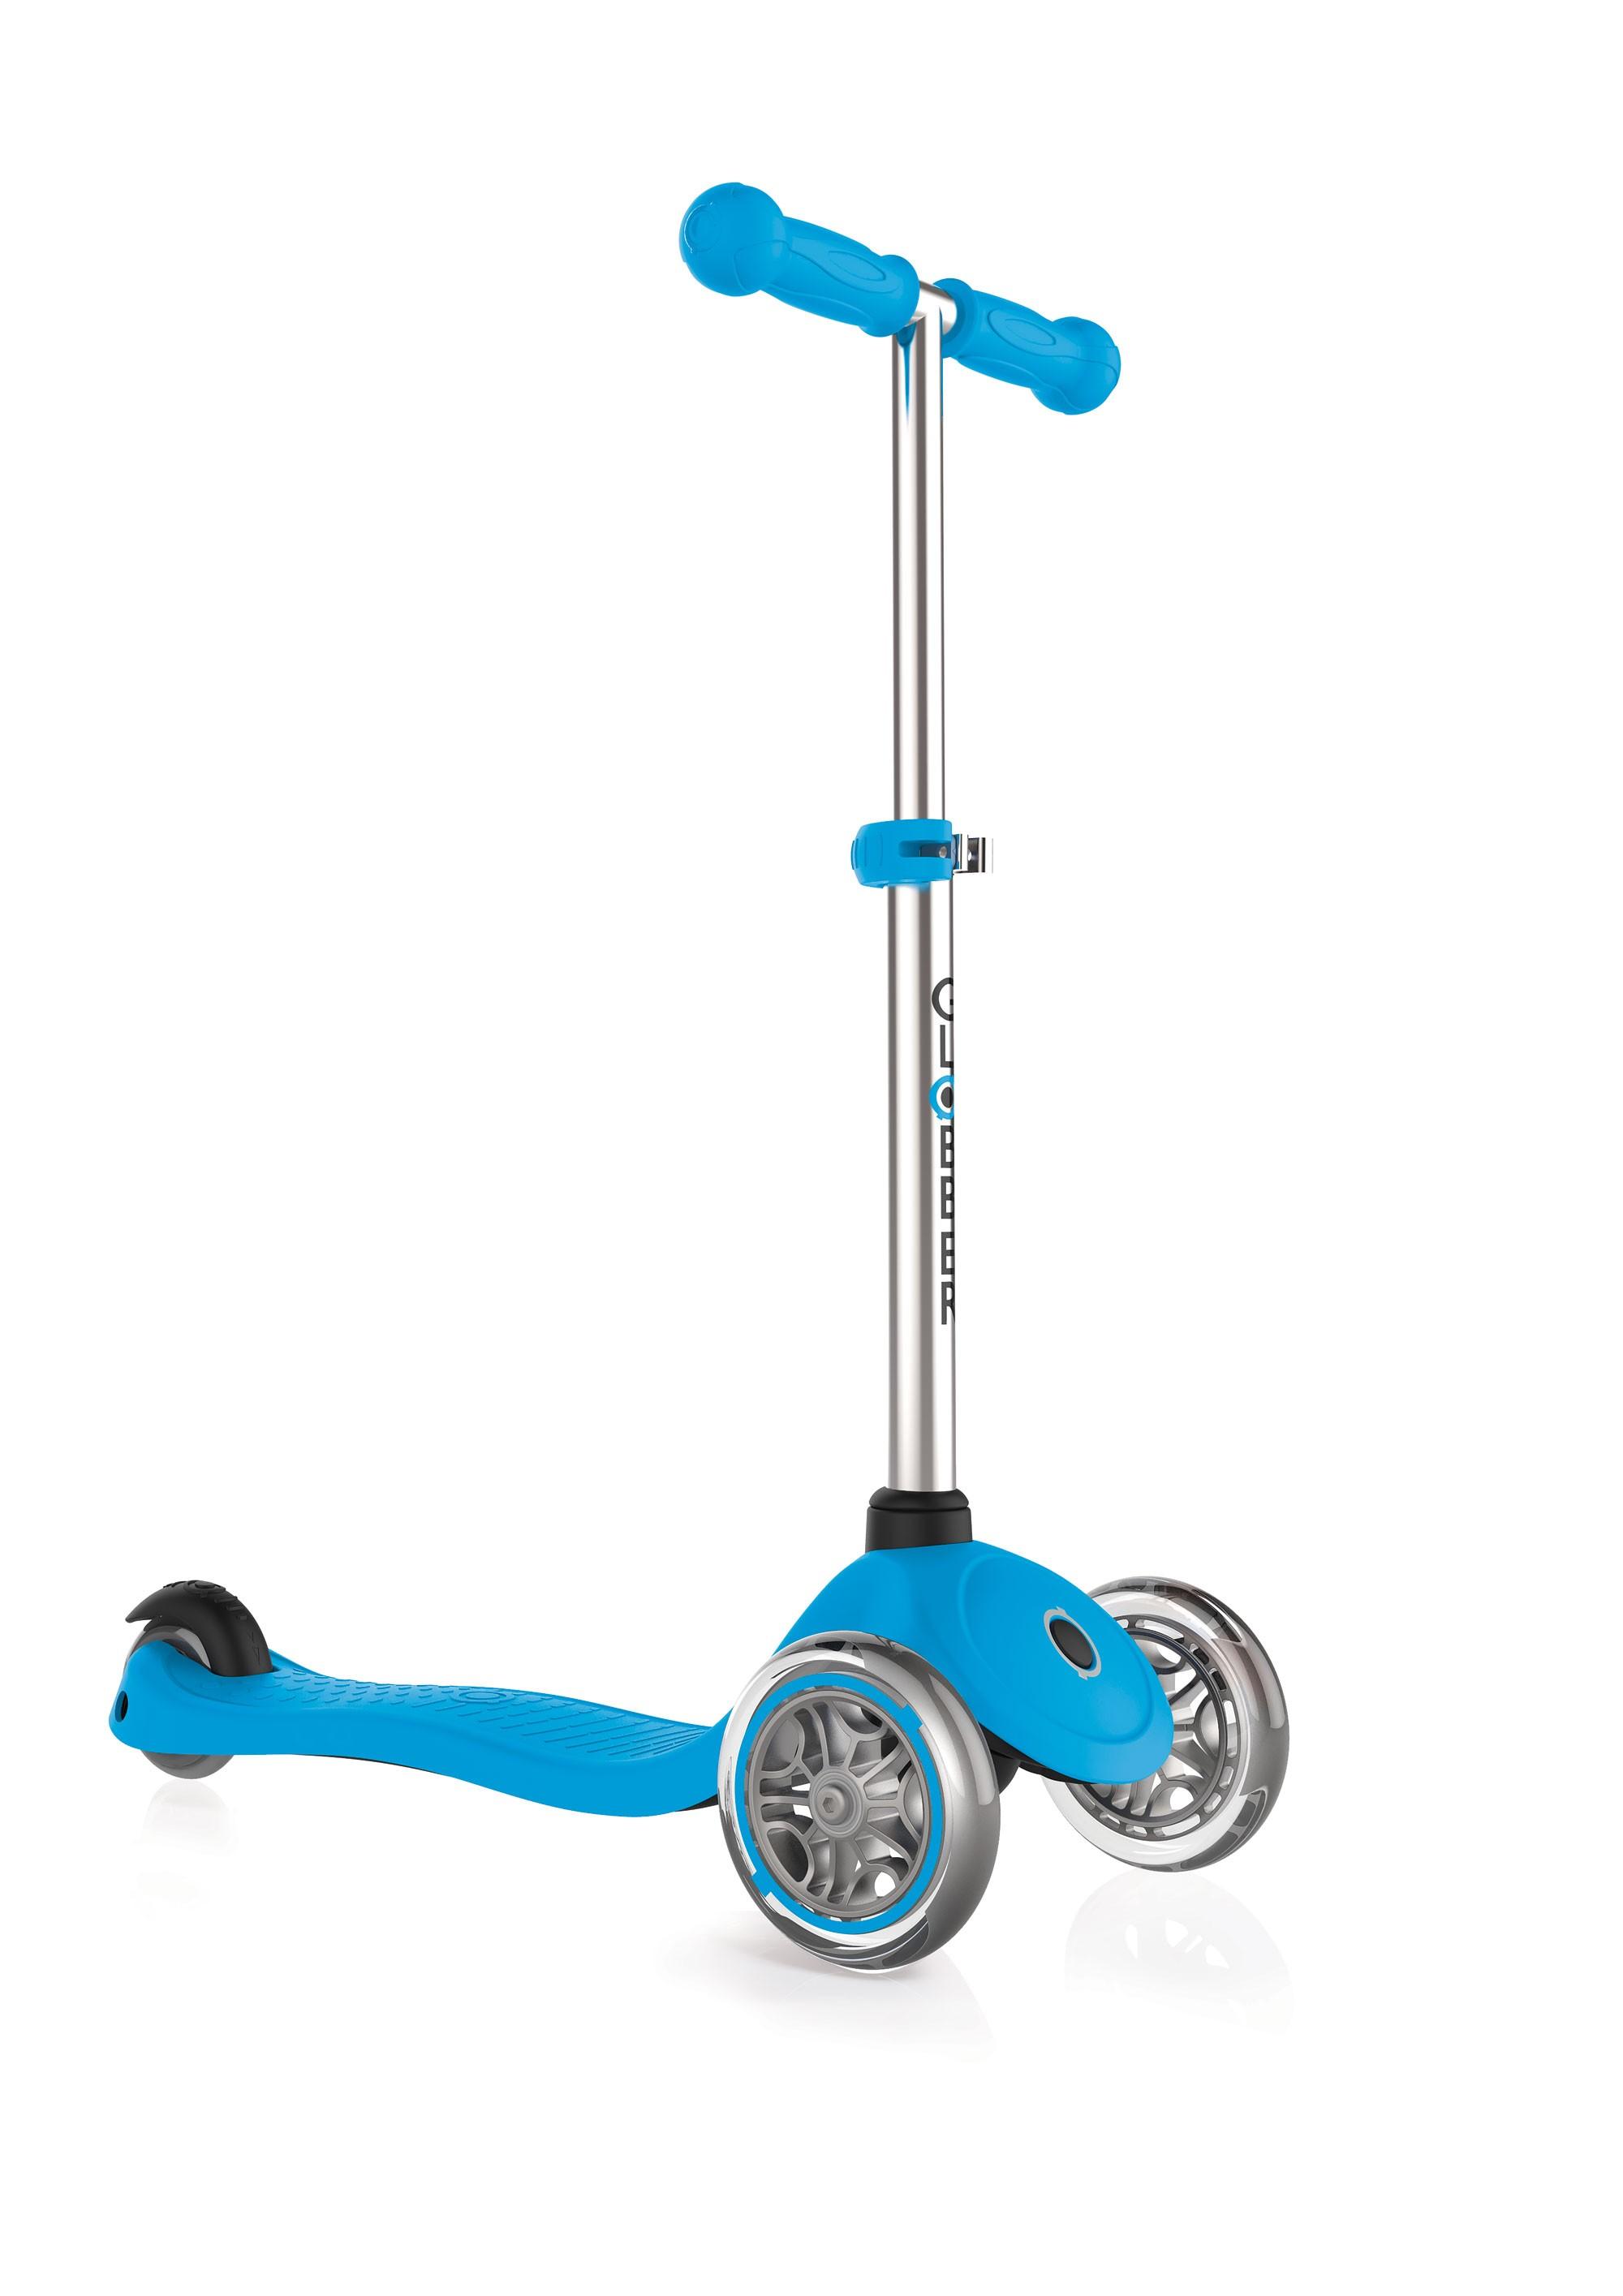 Scooter / Kinderroller Globber Primo himmelblau Bild 1